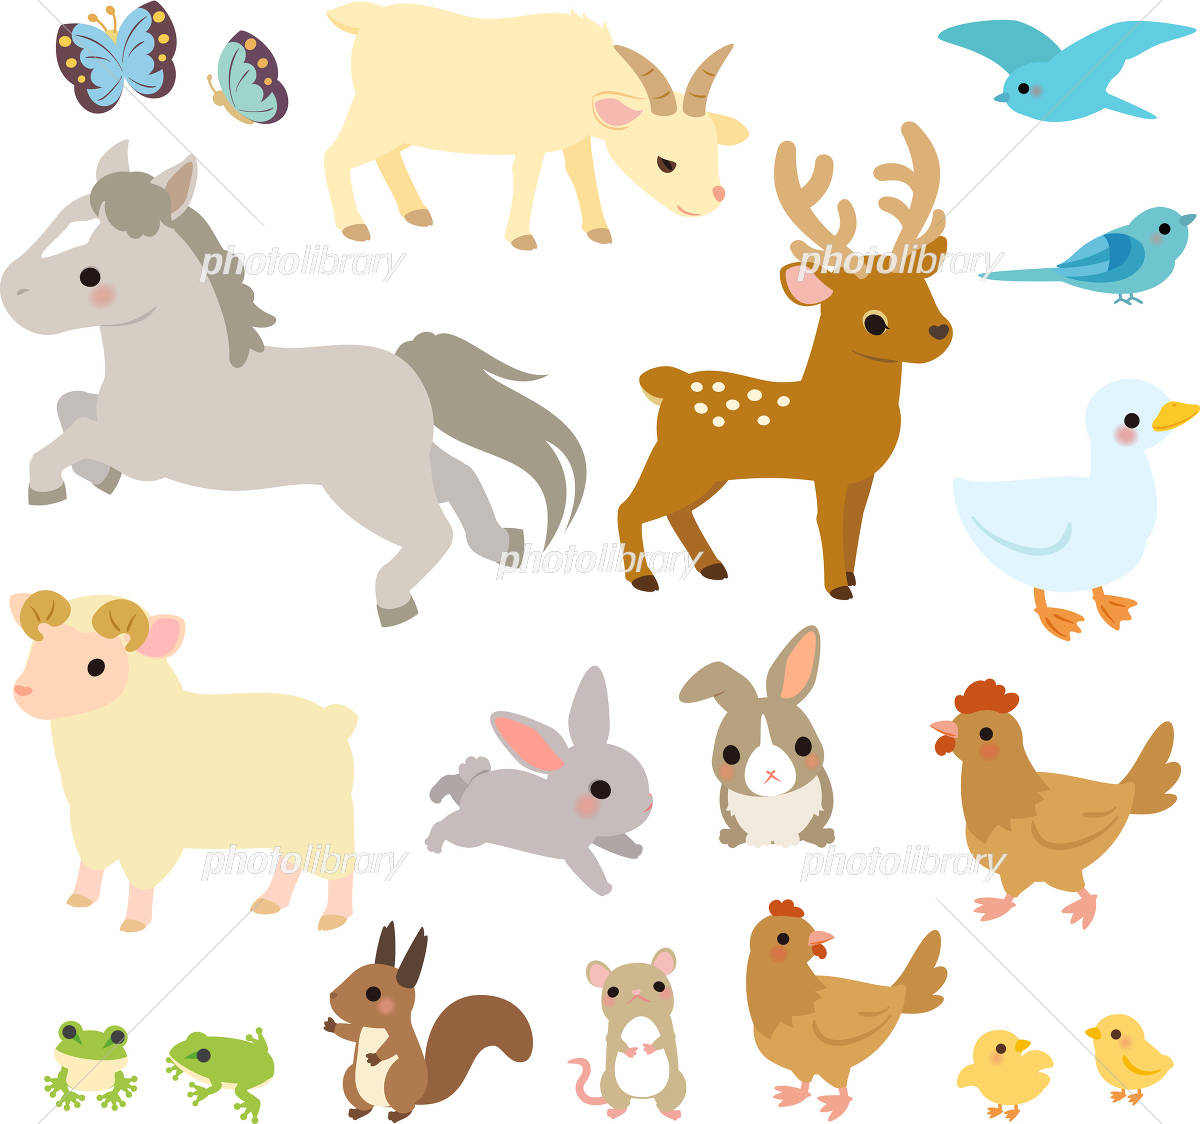 森や草原の動物たちのイラストセット イラスト素材 4337520 フォト